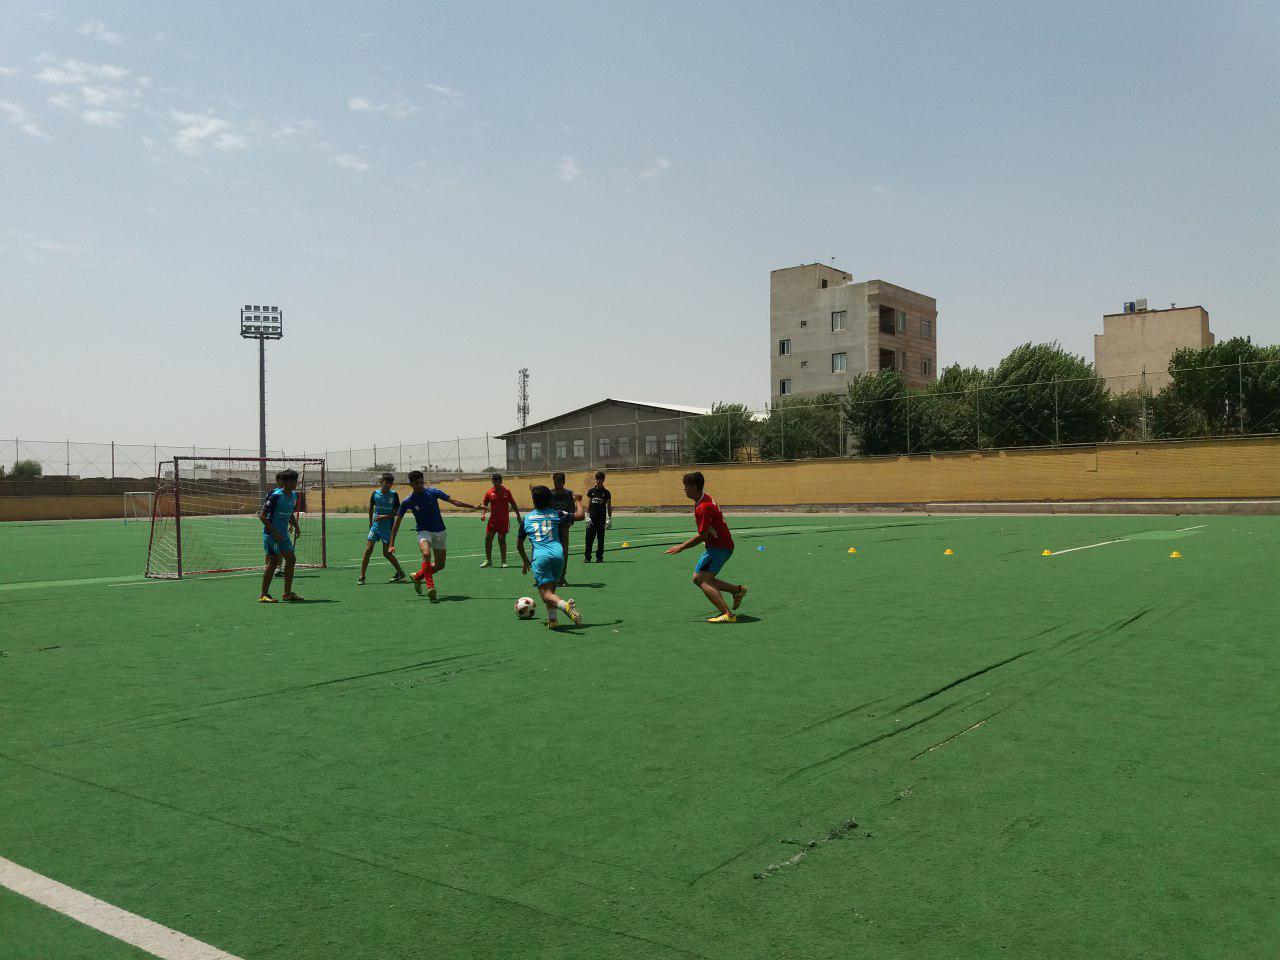 کودکان کار در زمین فوتبال: جنگیدن برای زندگی